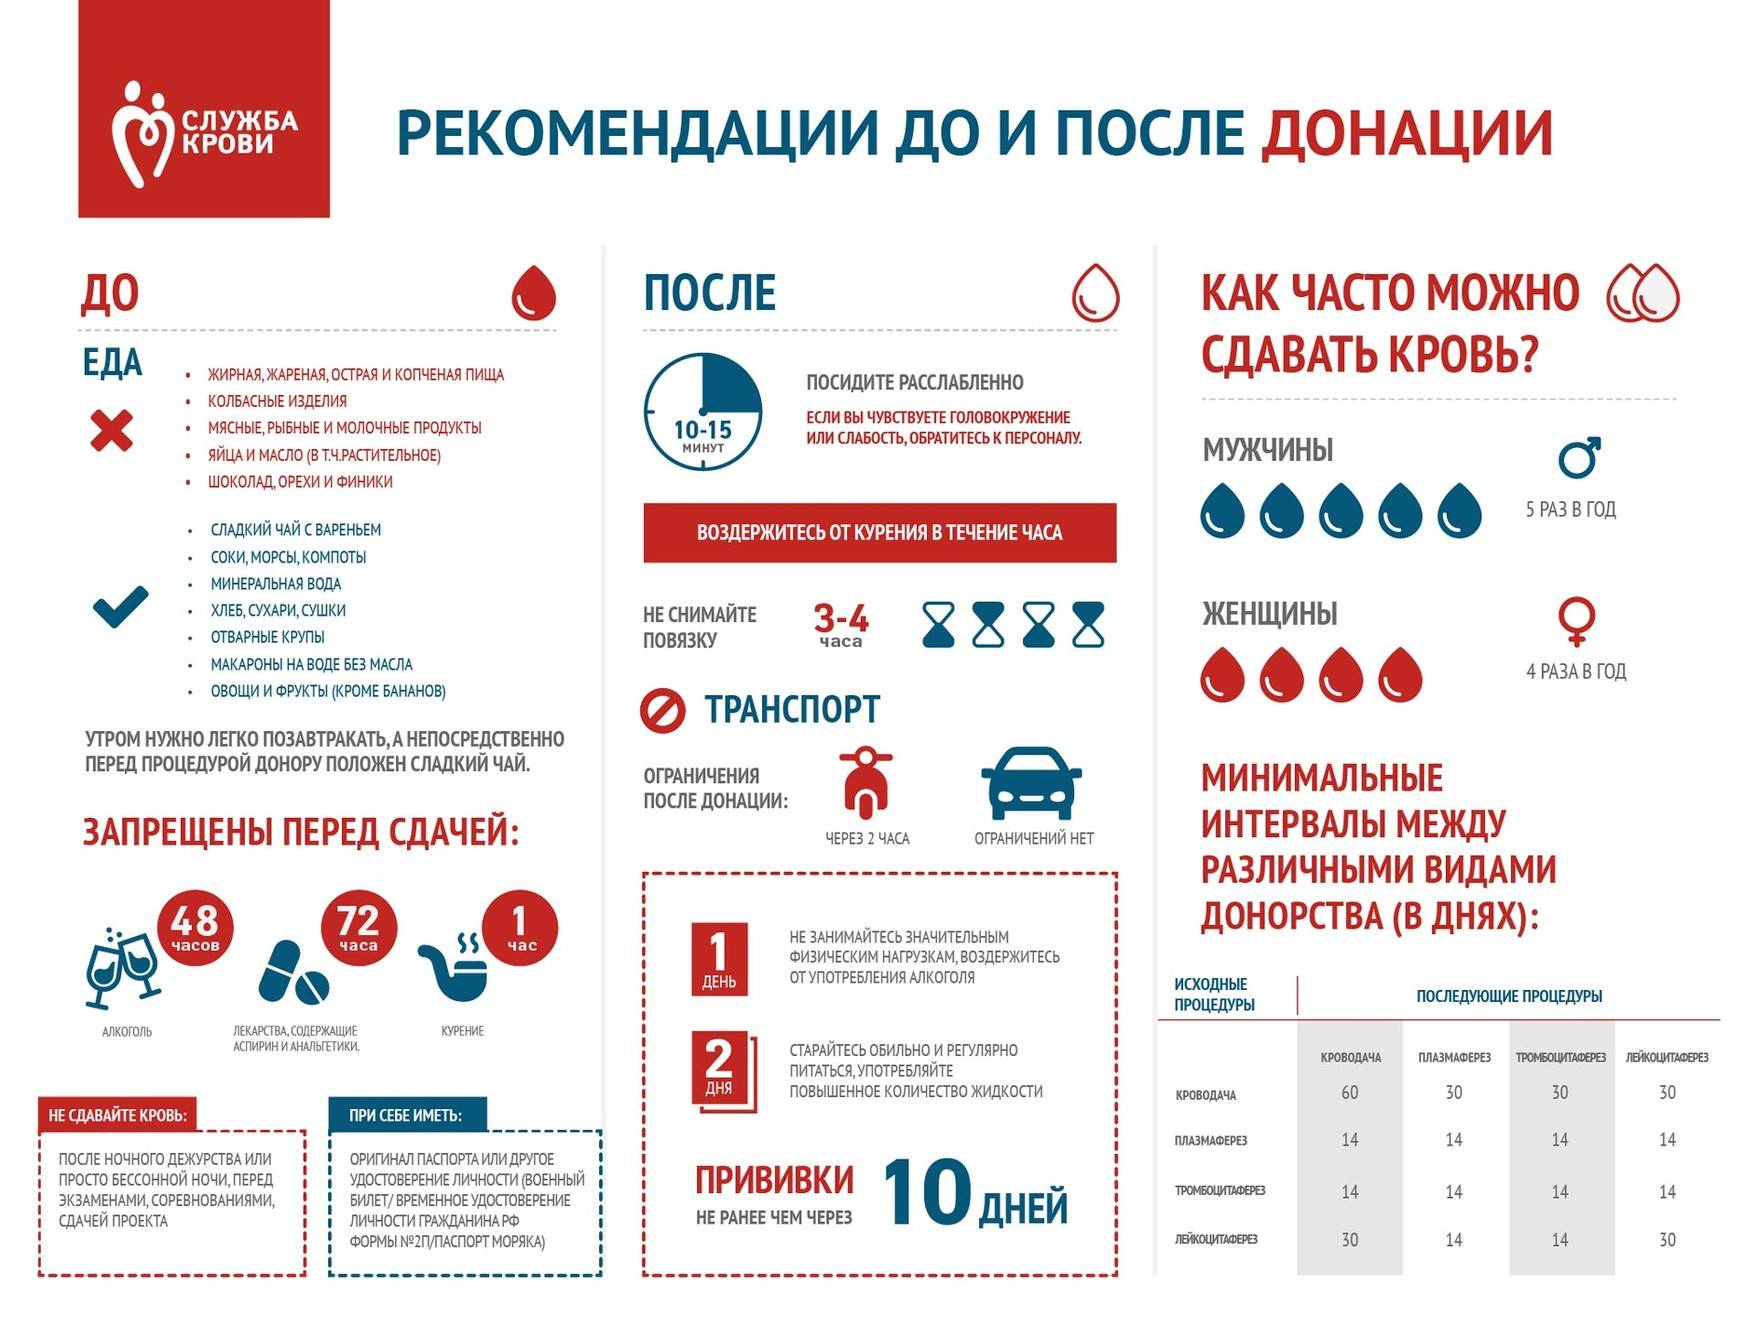 Можно ли пить алкоголь перед сдачей крови на анализ